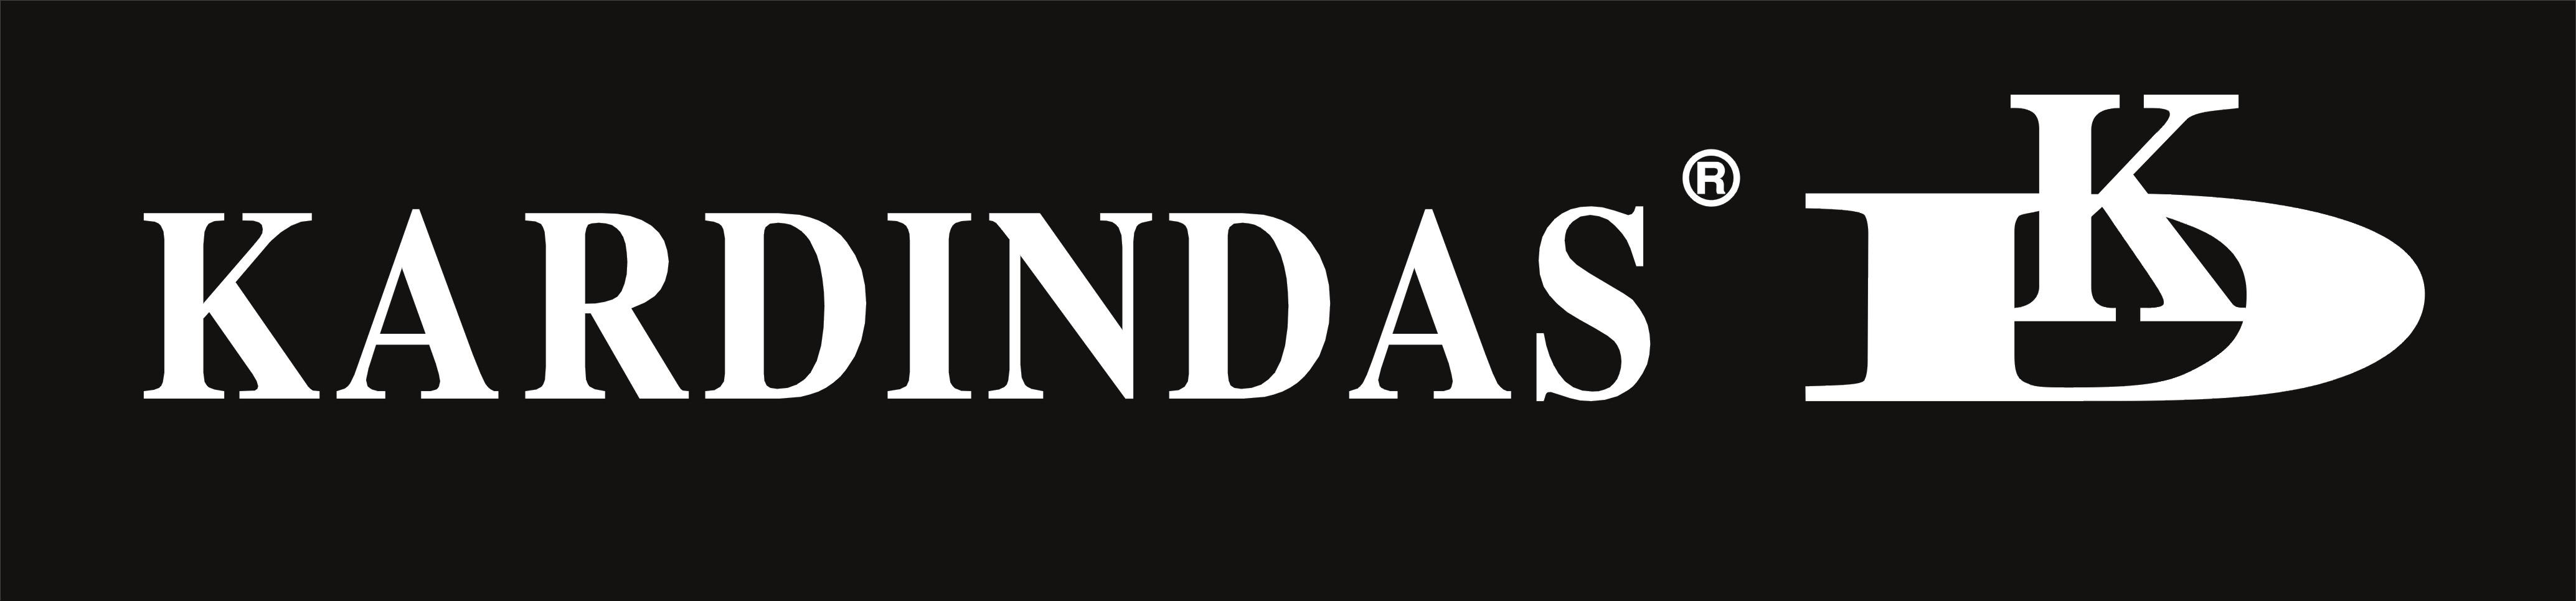 尋找卡丹達仕(KARDINDAS)的影子